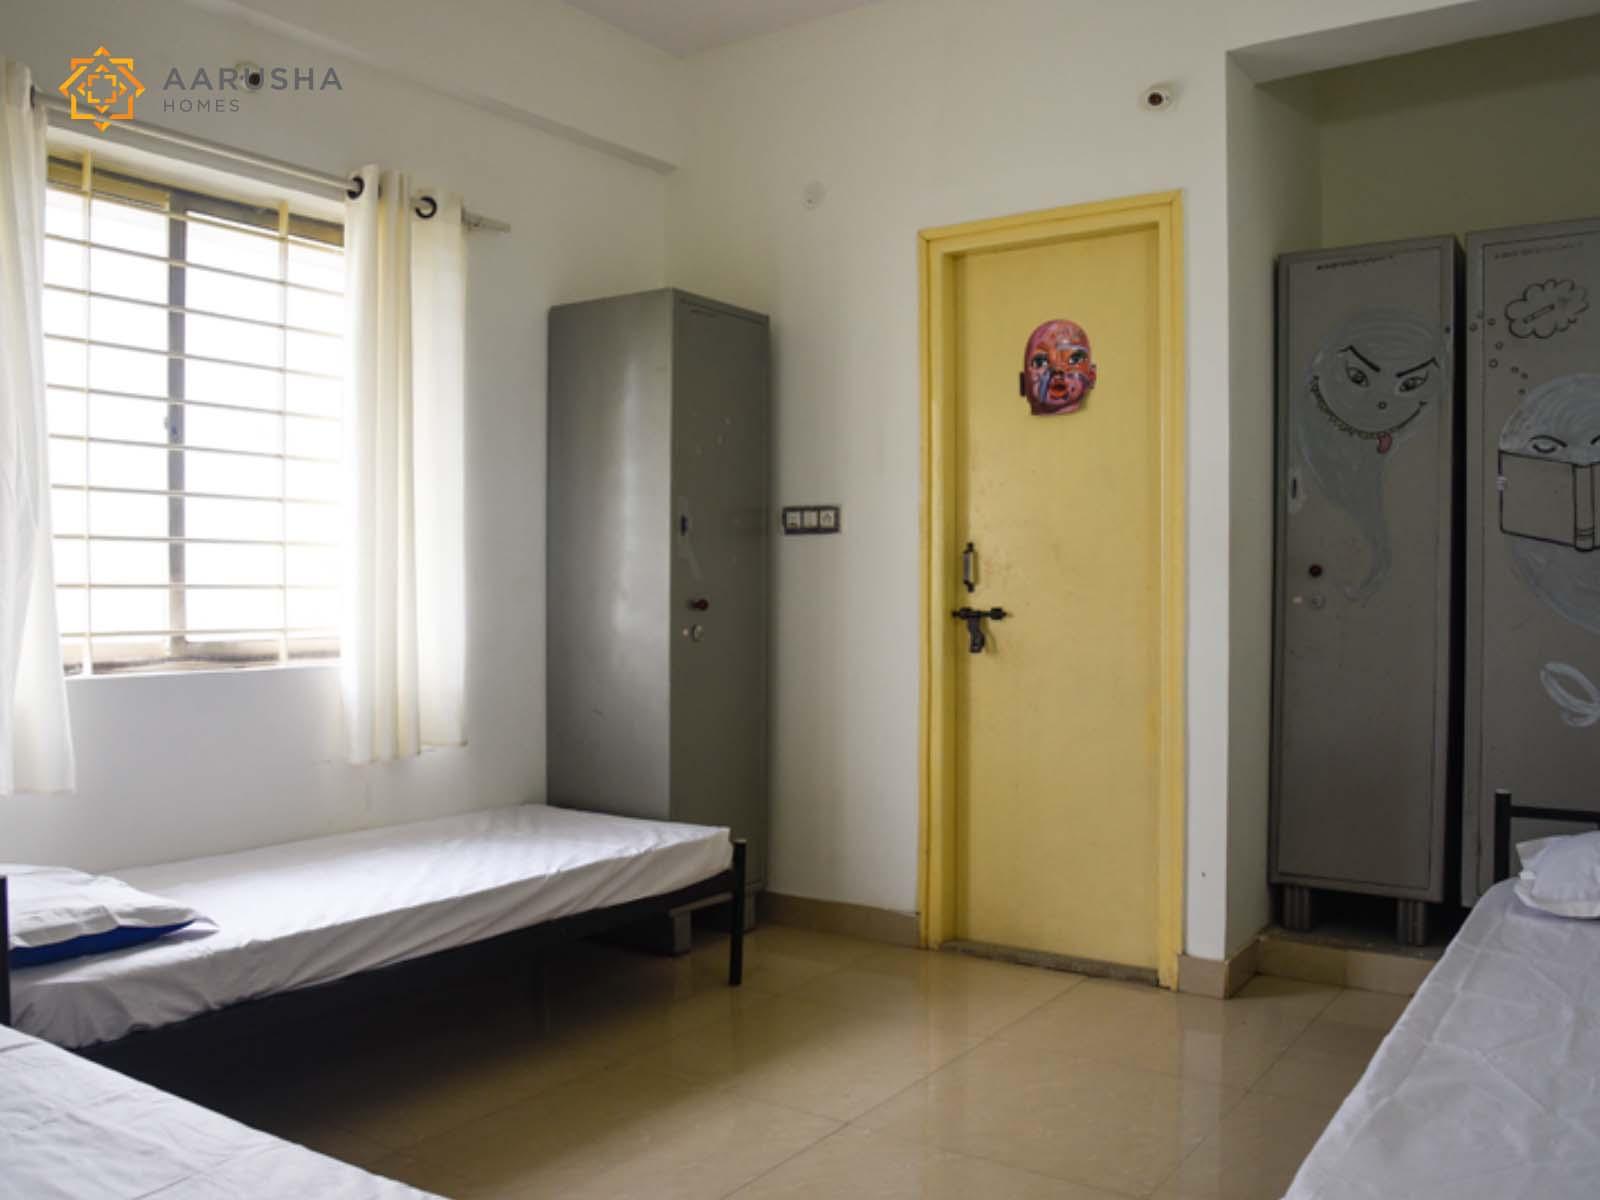 PG & Hostel For Men In Singasandra, Bangalore